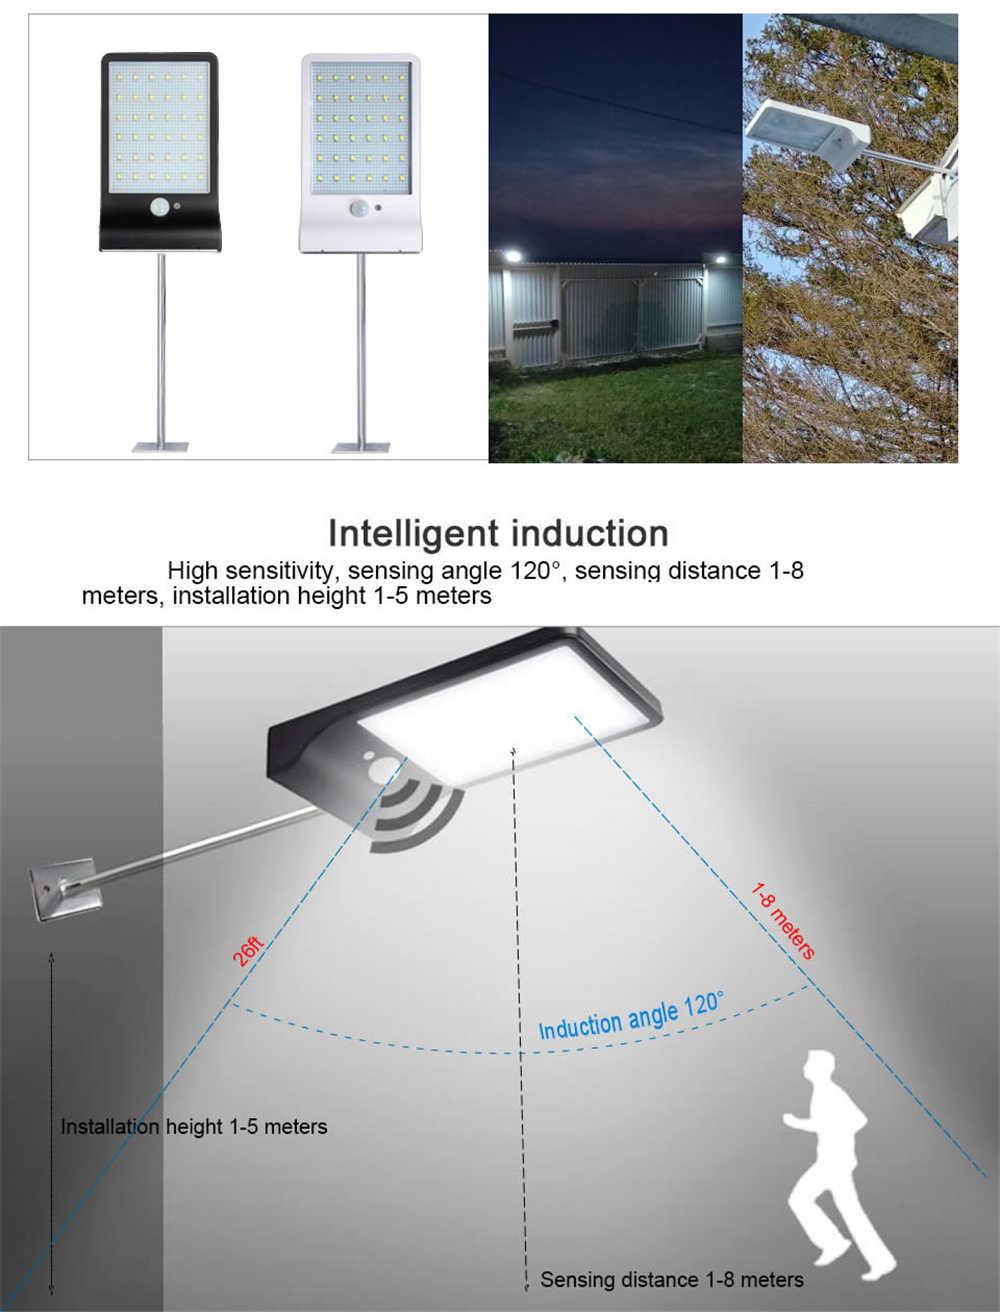 48/36 светодиодный светильник на солнечной энергии, водонепроницаемый домашний двор, уличный светильник, светодиодный светильник на солнечной батарее, Уличный настенный светильник с металлическим полюсом